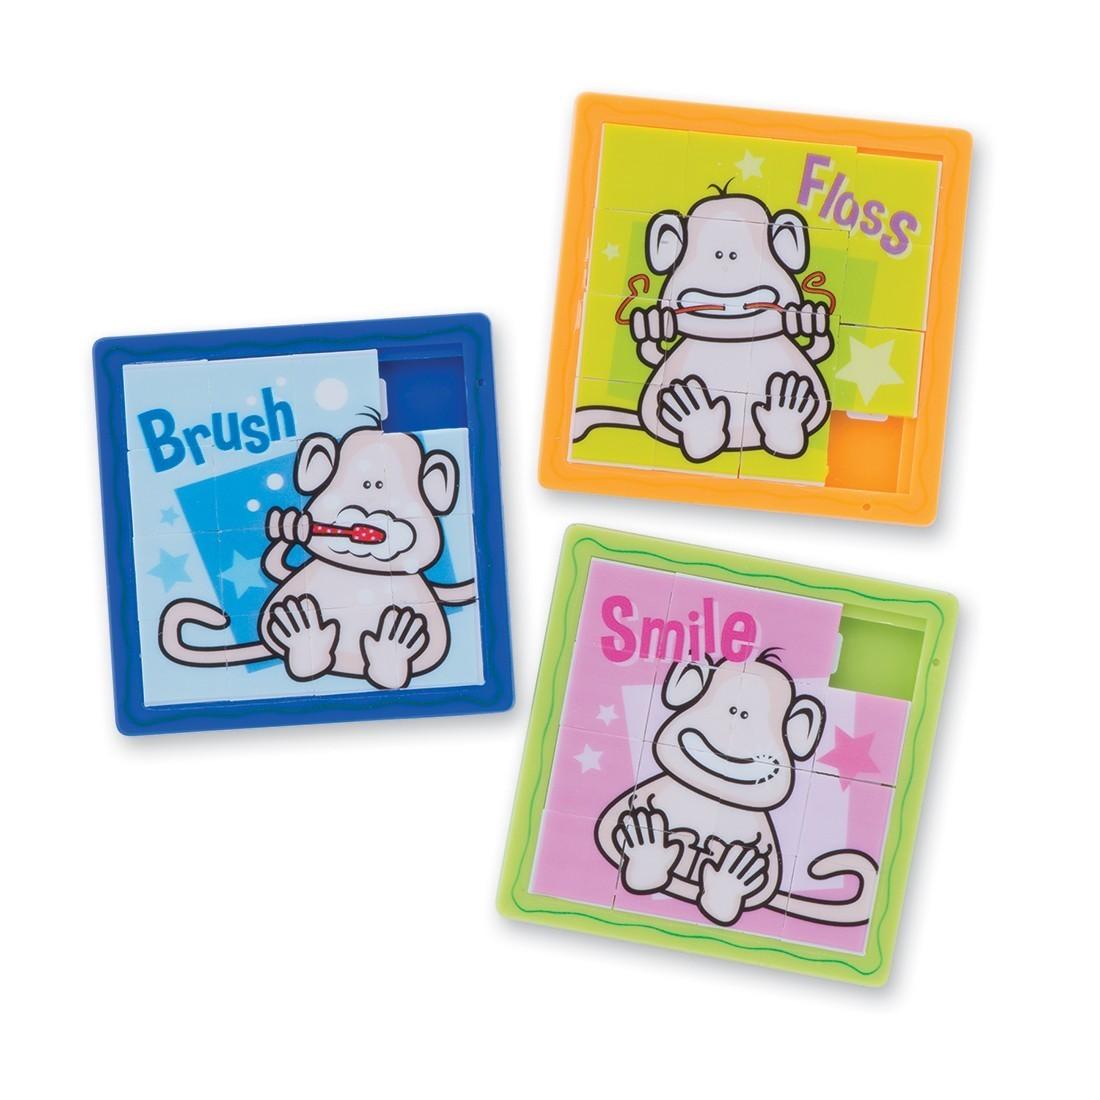 Brush, Floss, Smile Monkey Slide Puzzles [image]